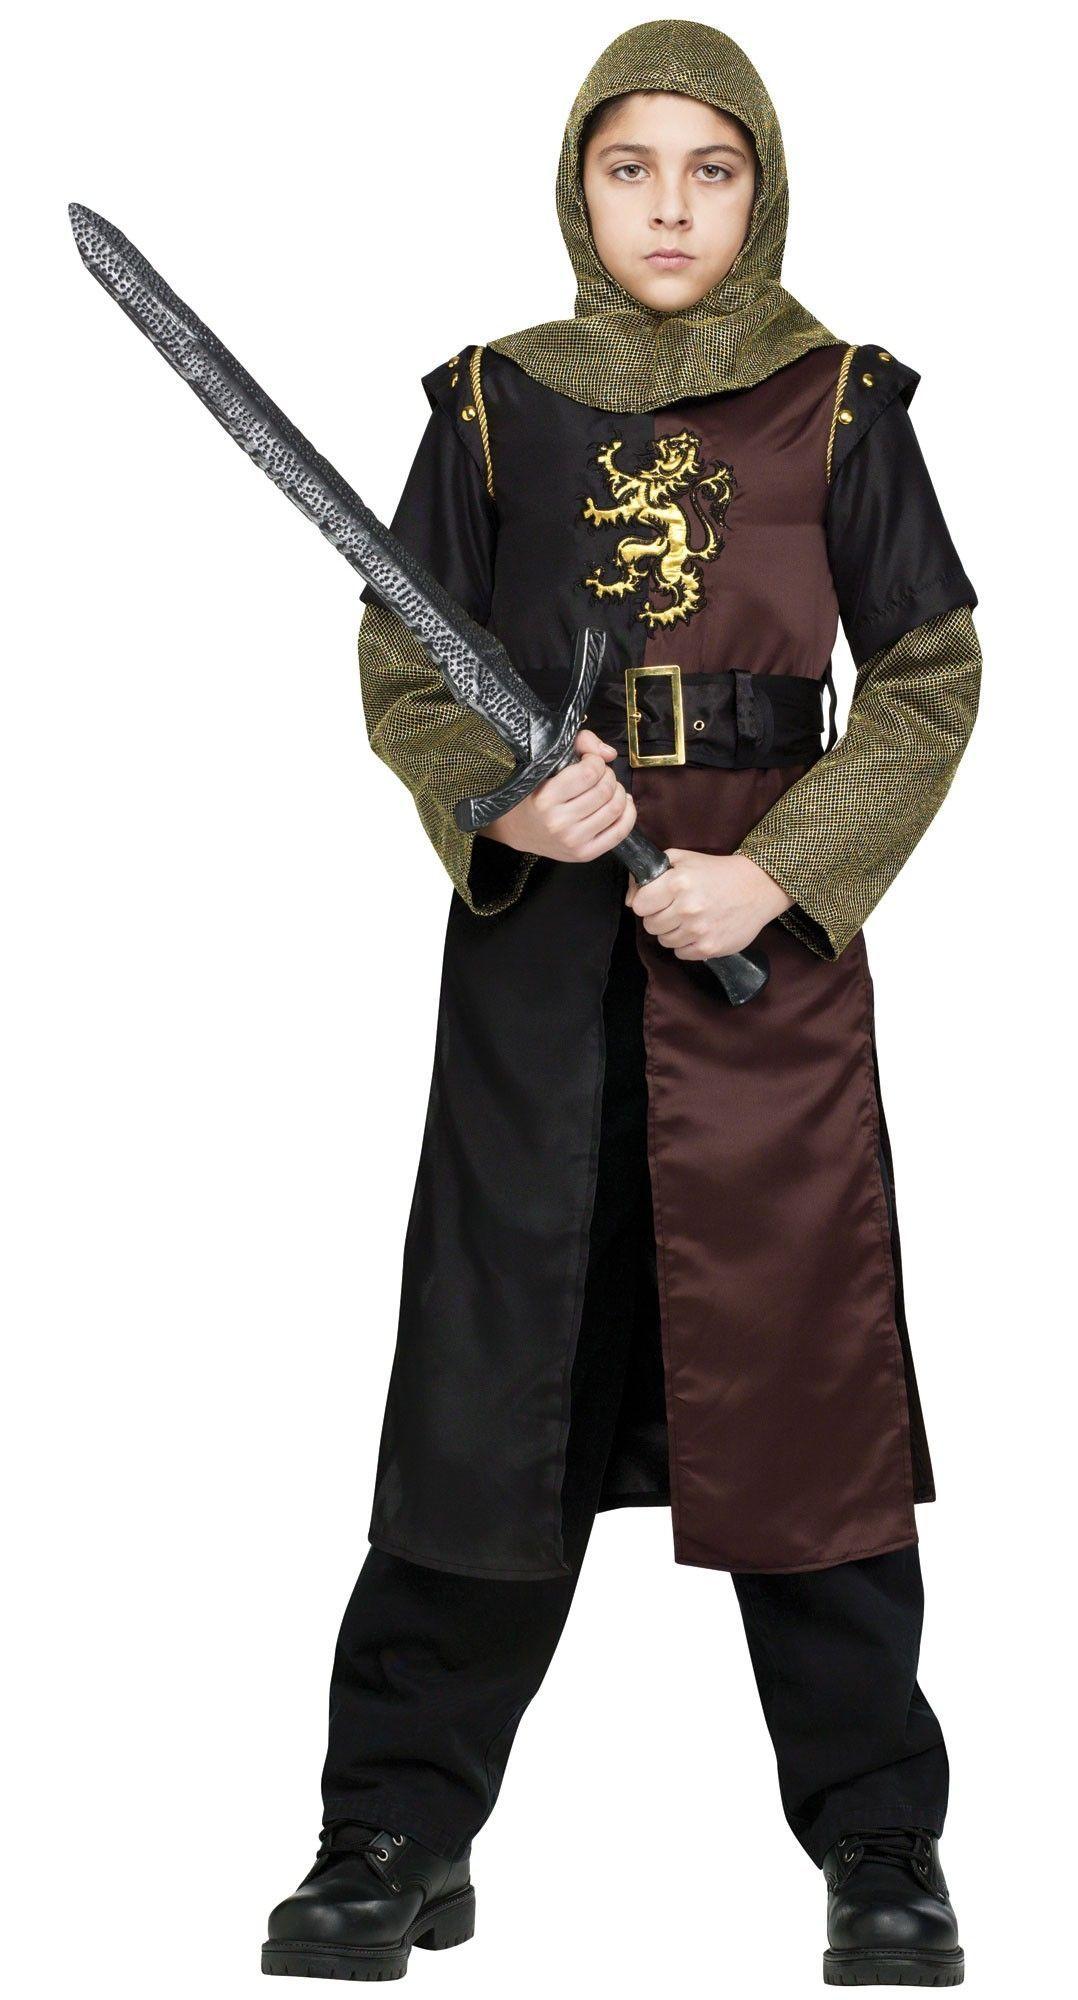 Детский костюм доблестного рыцаря (32-34) костюм доблестного рыцаря 50 52